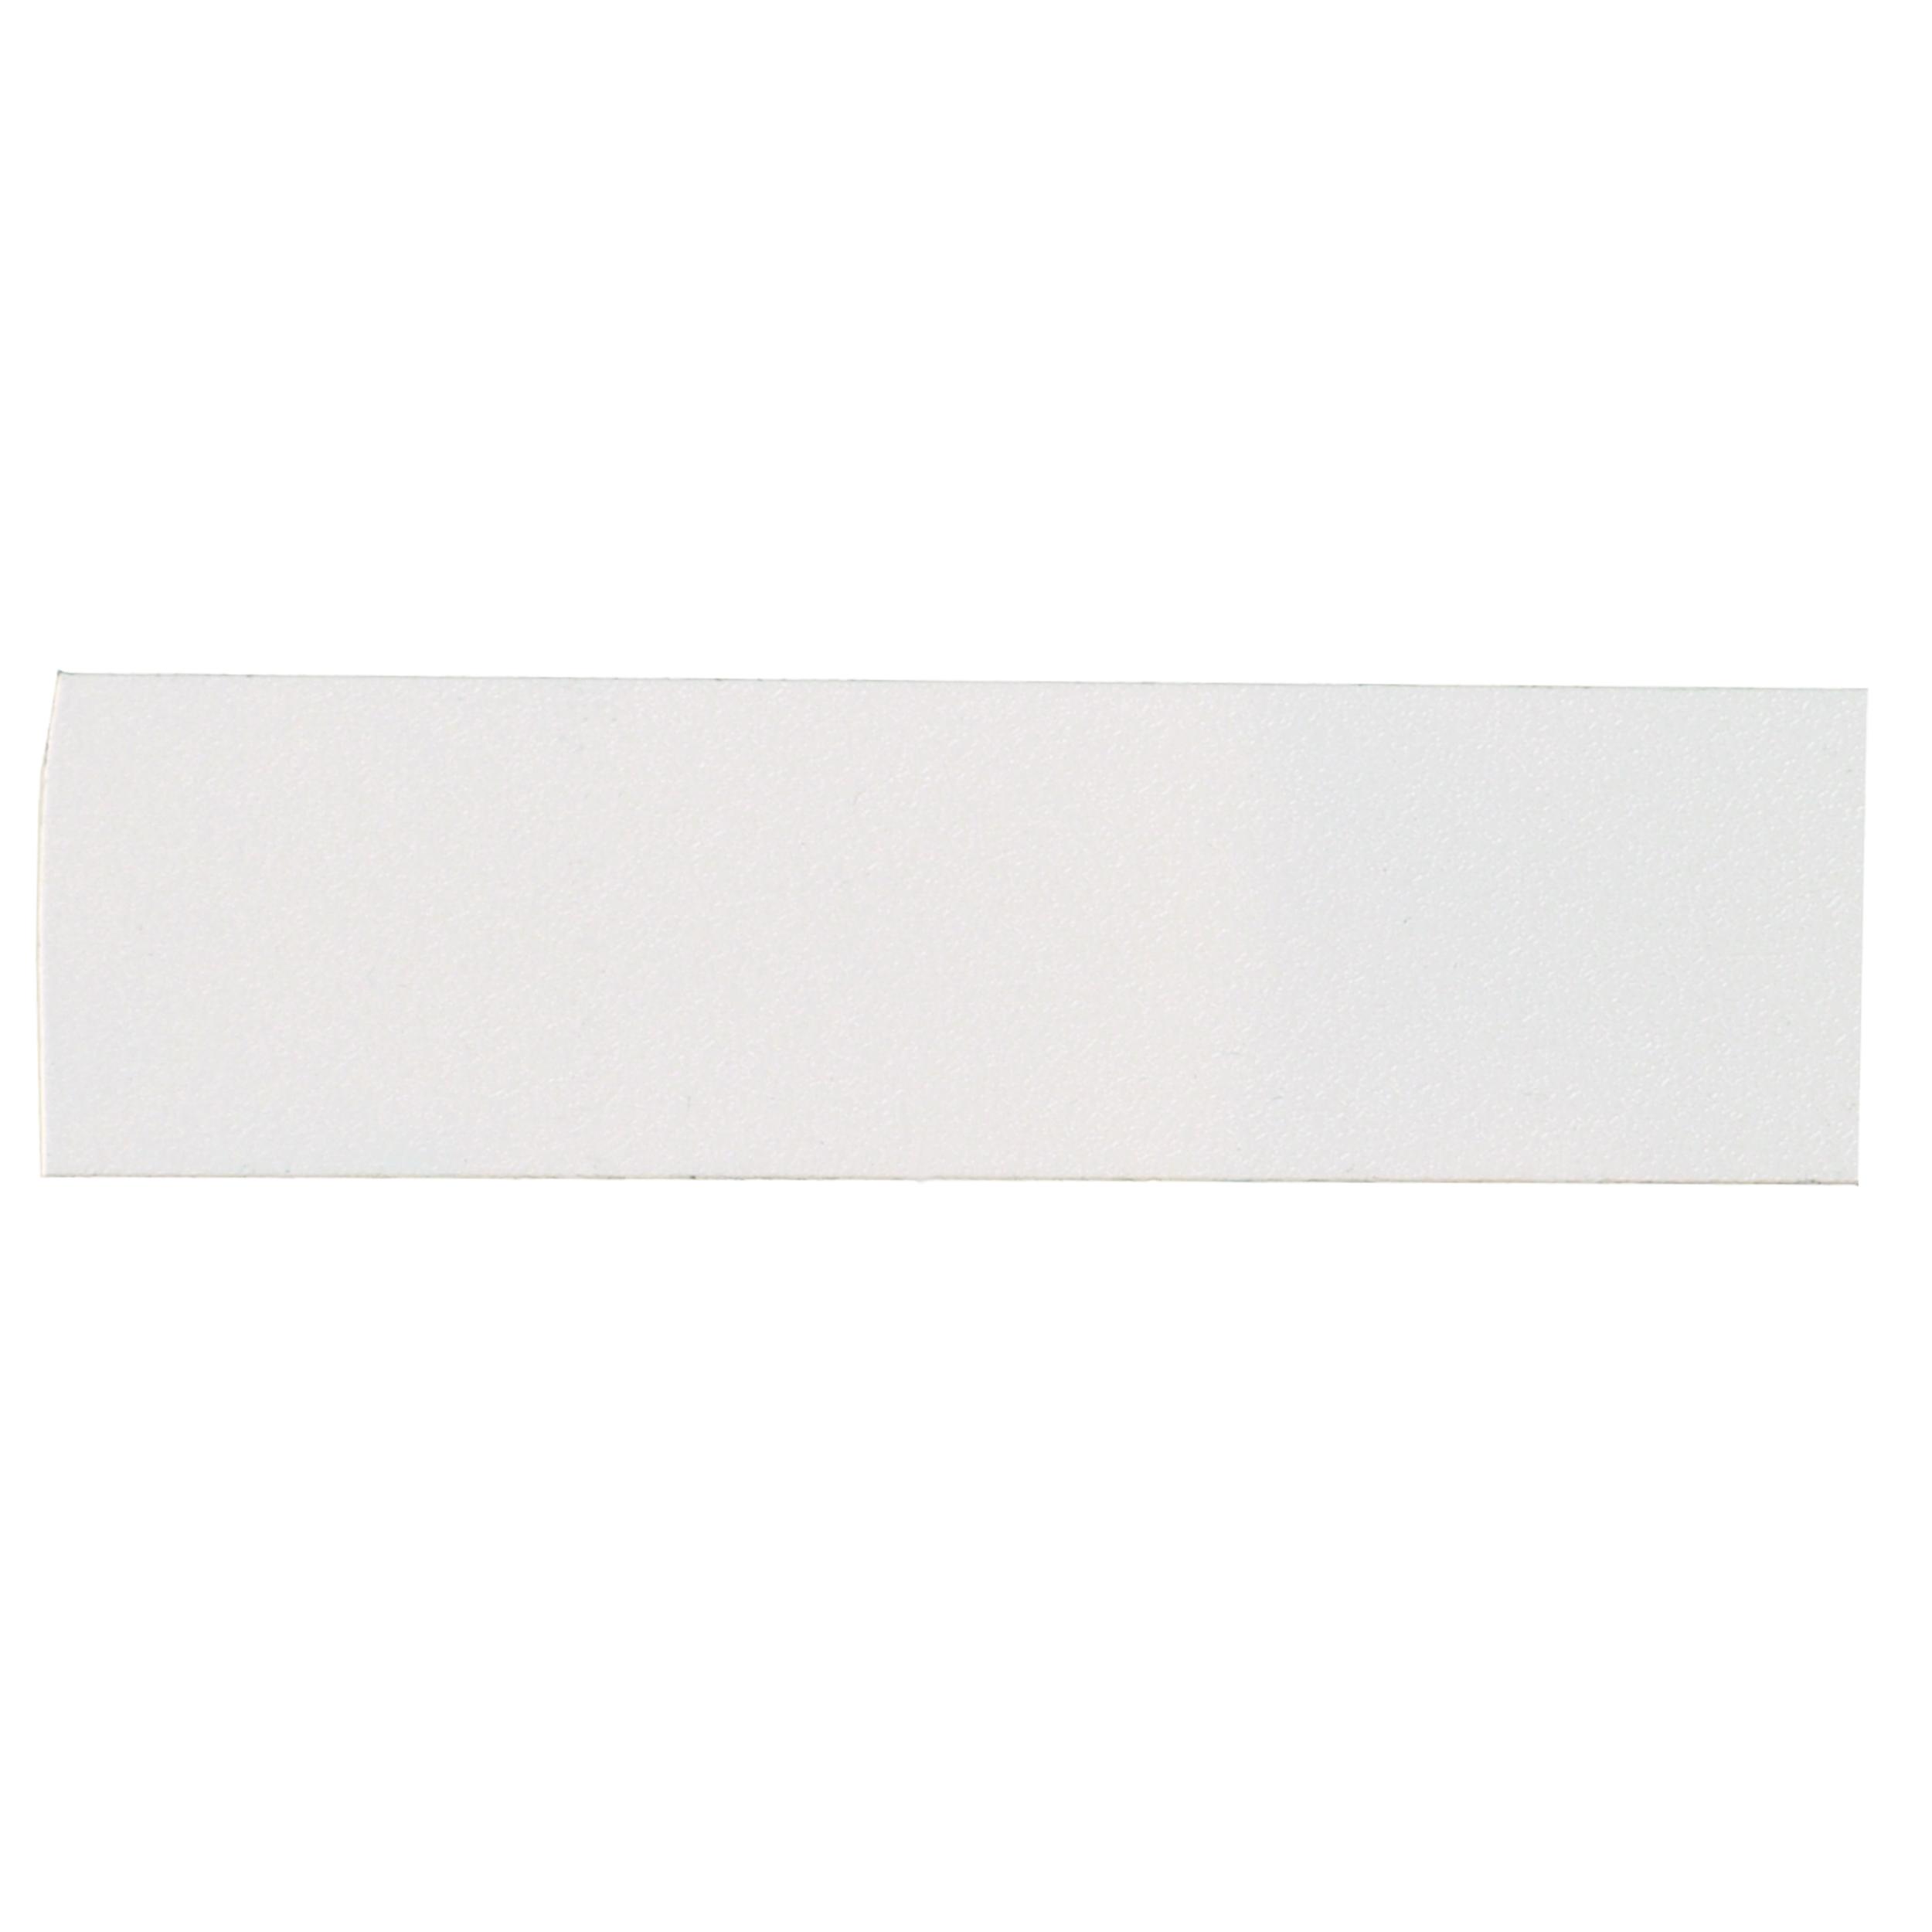 Melamine, White 7/8